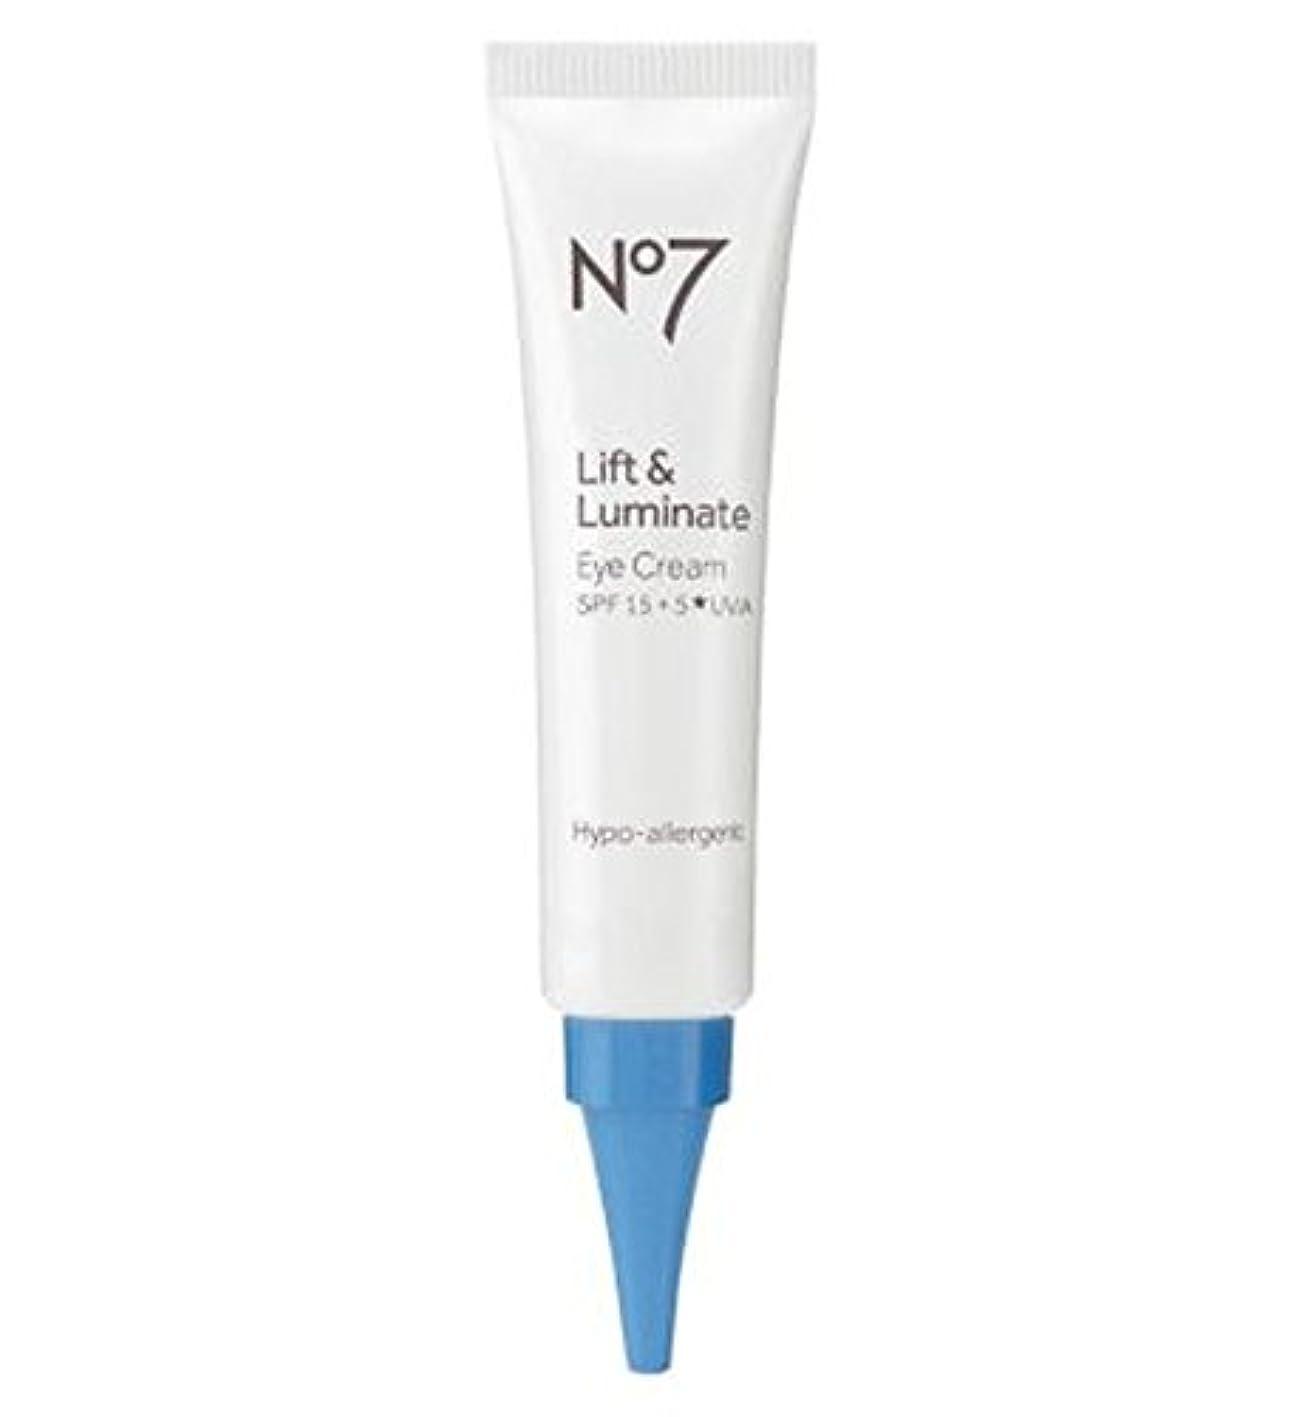 オアシスカスタム土曜日No7リフト&Luminateアイクリーム (No7) (x2) - No7 Lift & Luminate Eye Cream (Pack of 2) [並行輸入品]